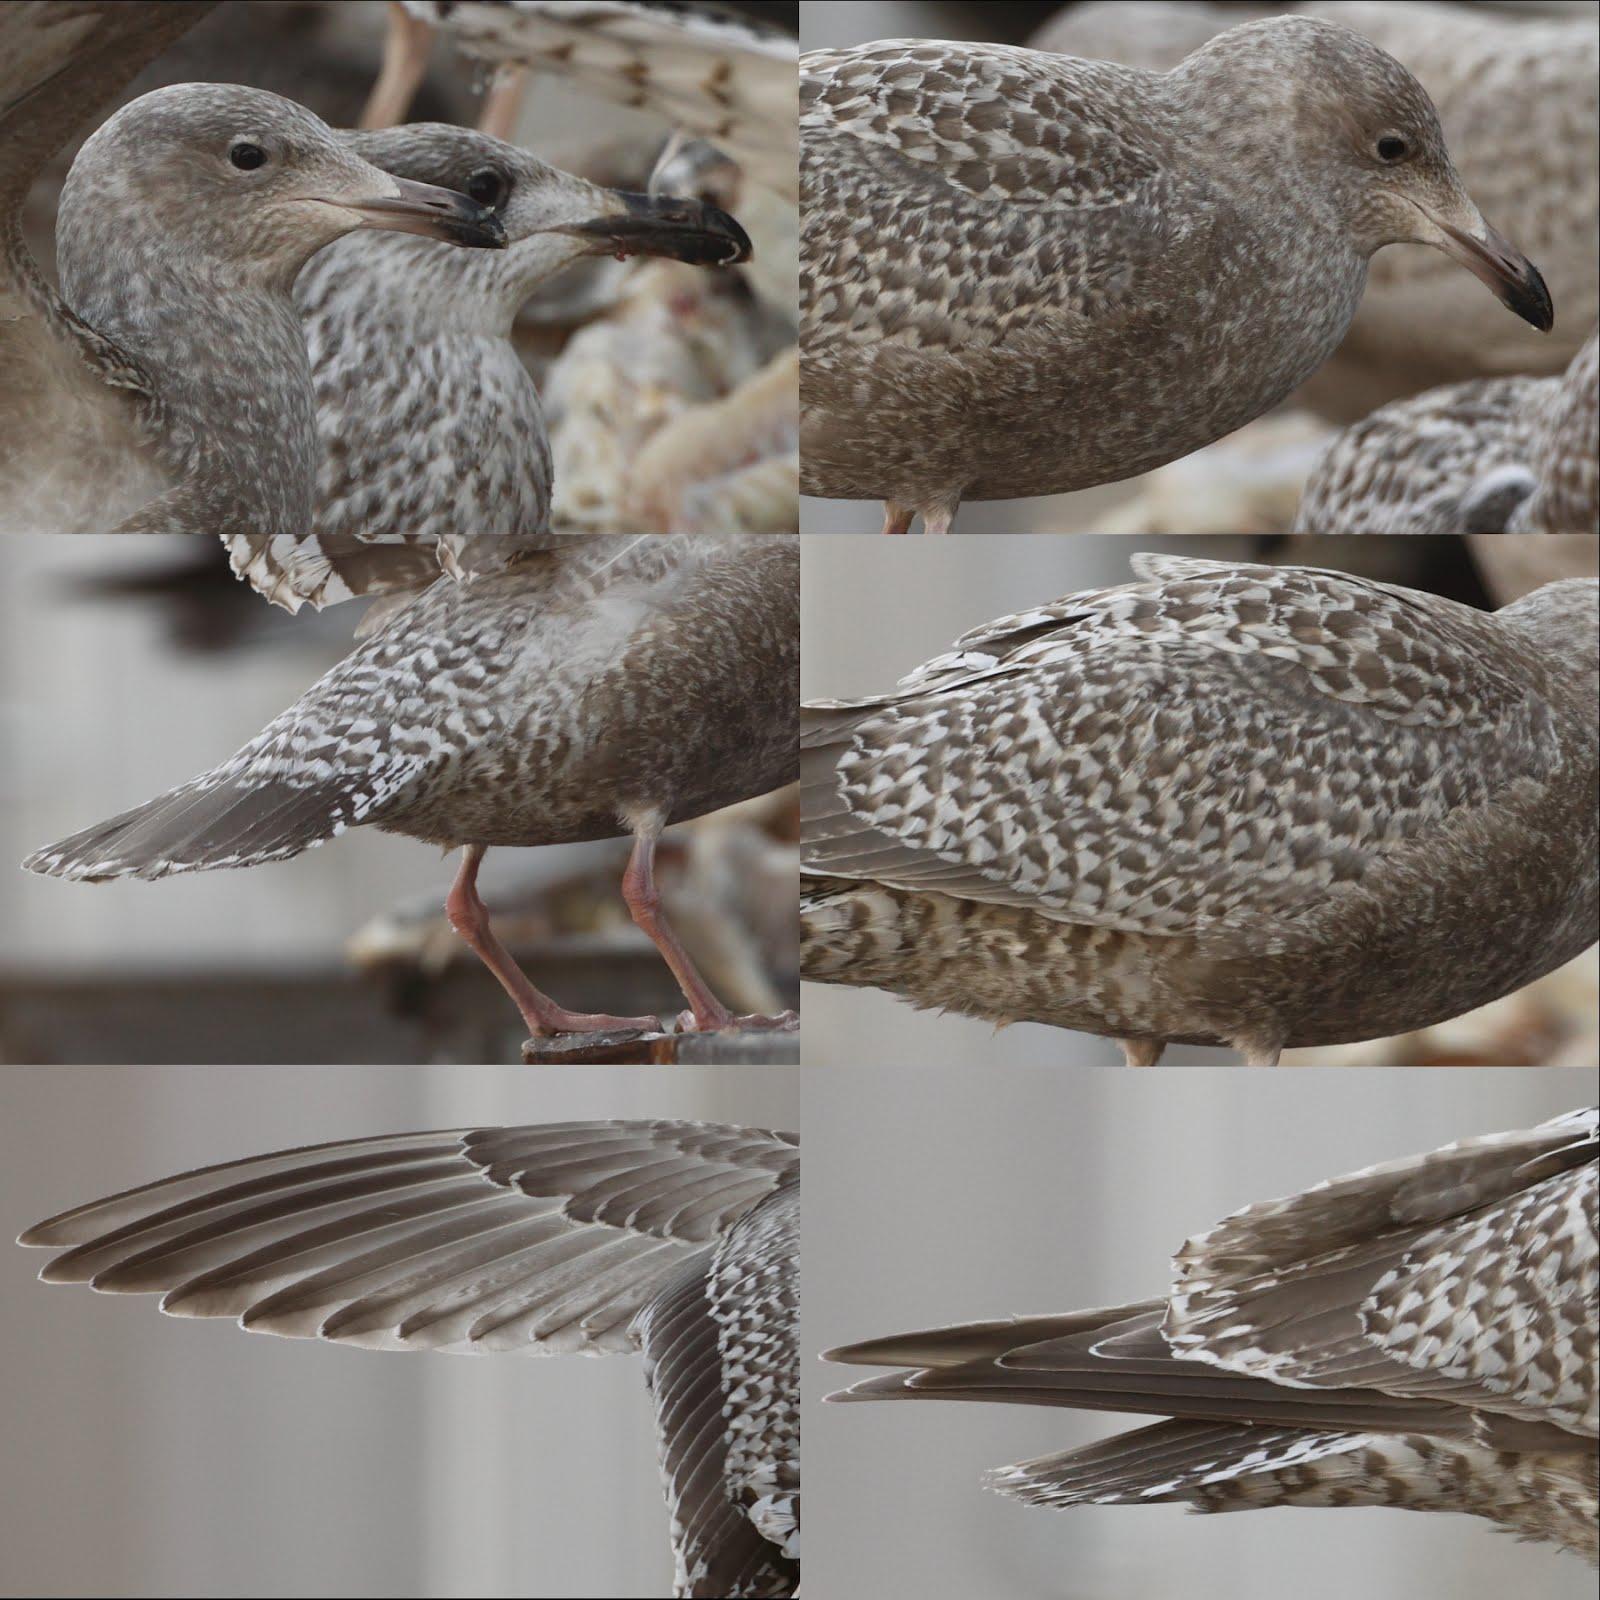 fugl som lever alene